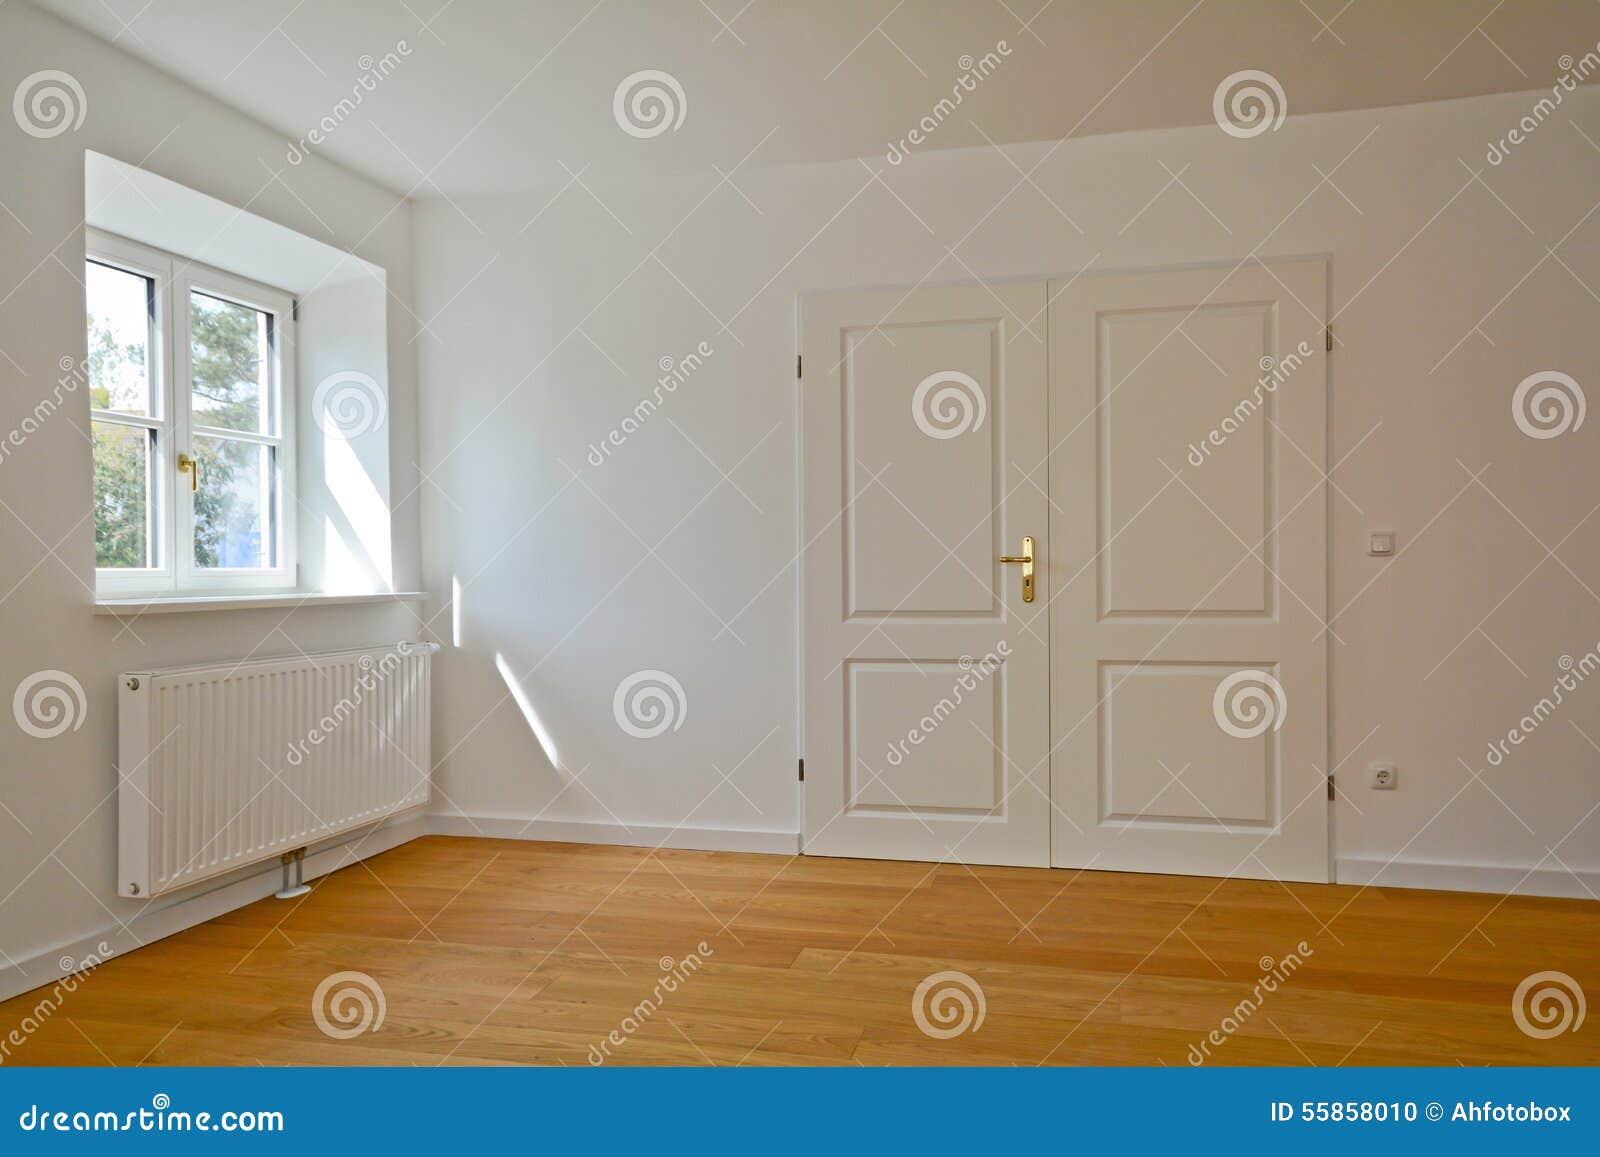 Fußboden Erneuern Altbau ~ Wohnzimmer in einem altbau wohnung mit doppelter tür und parkett